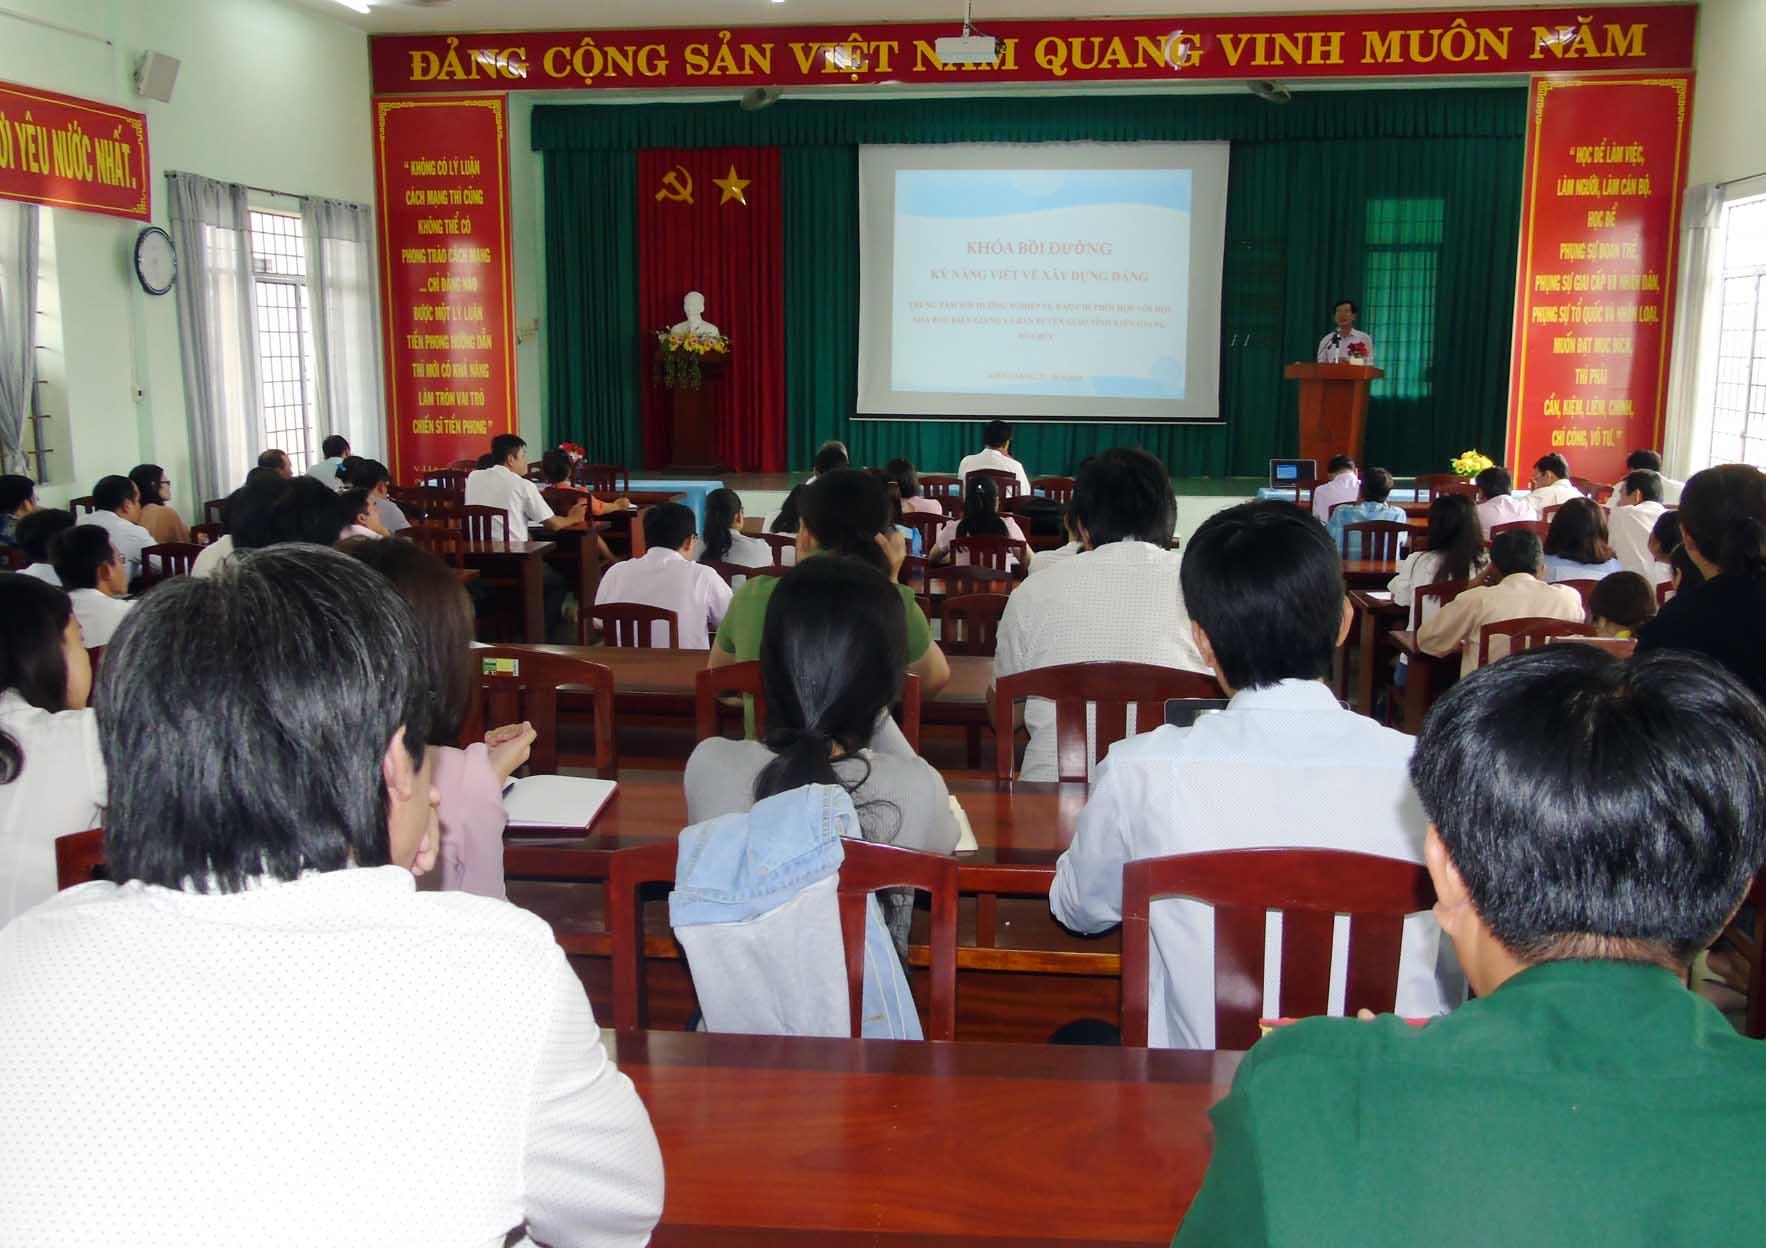 Kiên Giang: Tập huấn báo chí tuyên truyền công tác xây dựng Đảng